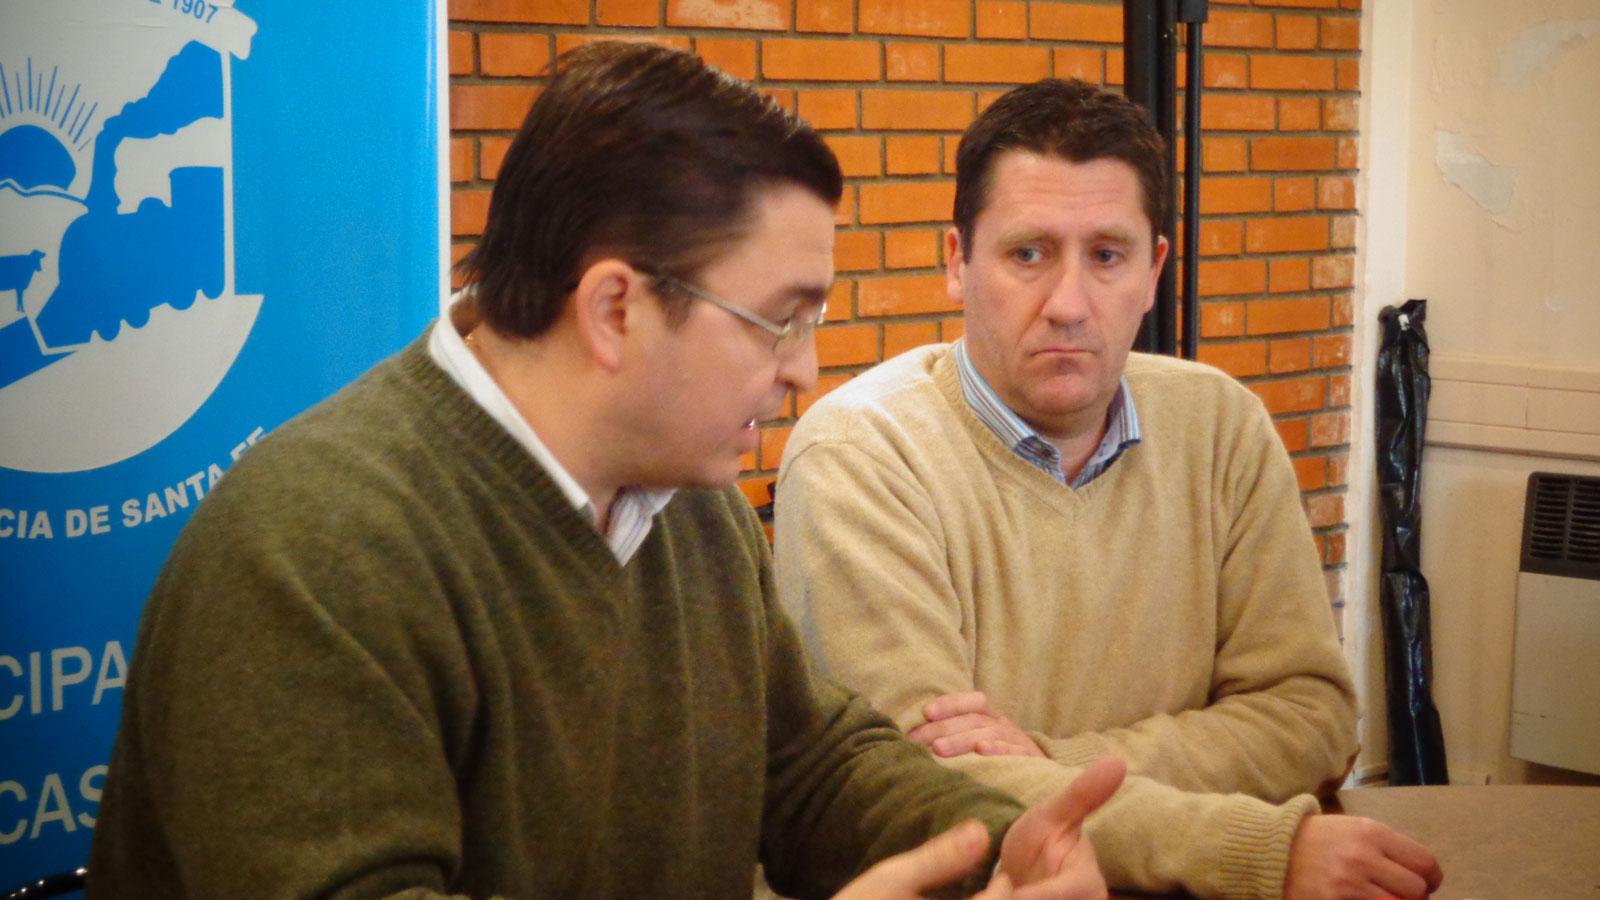 Sarasola y Censi se vincularán con especialistas de nivel internacional.